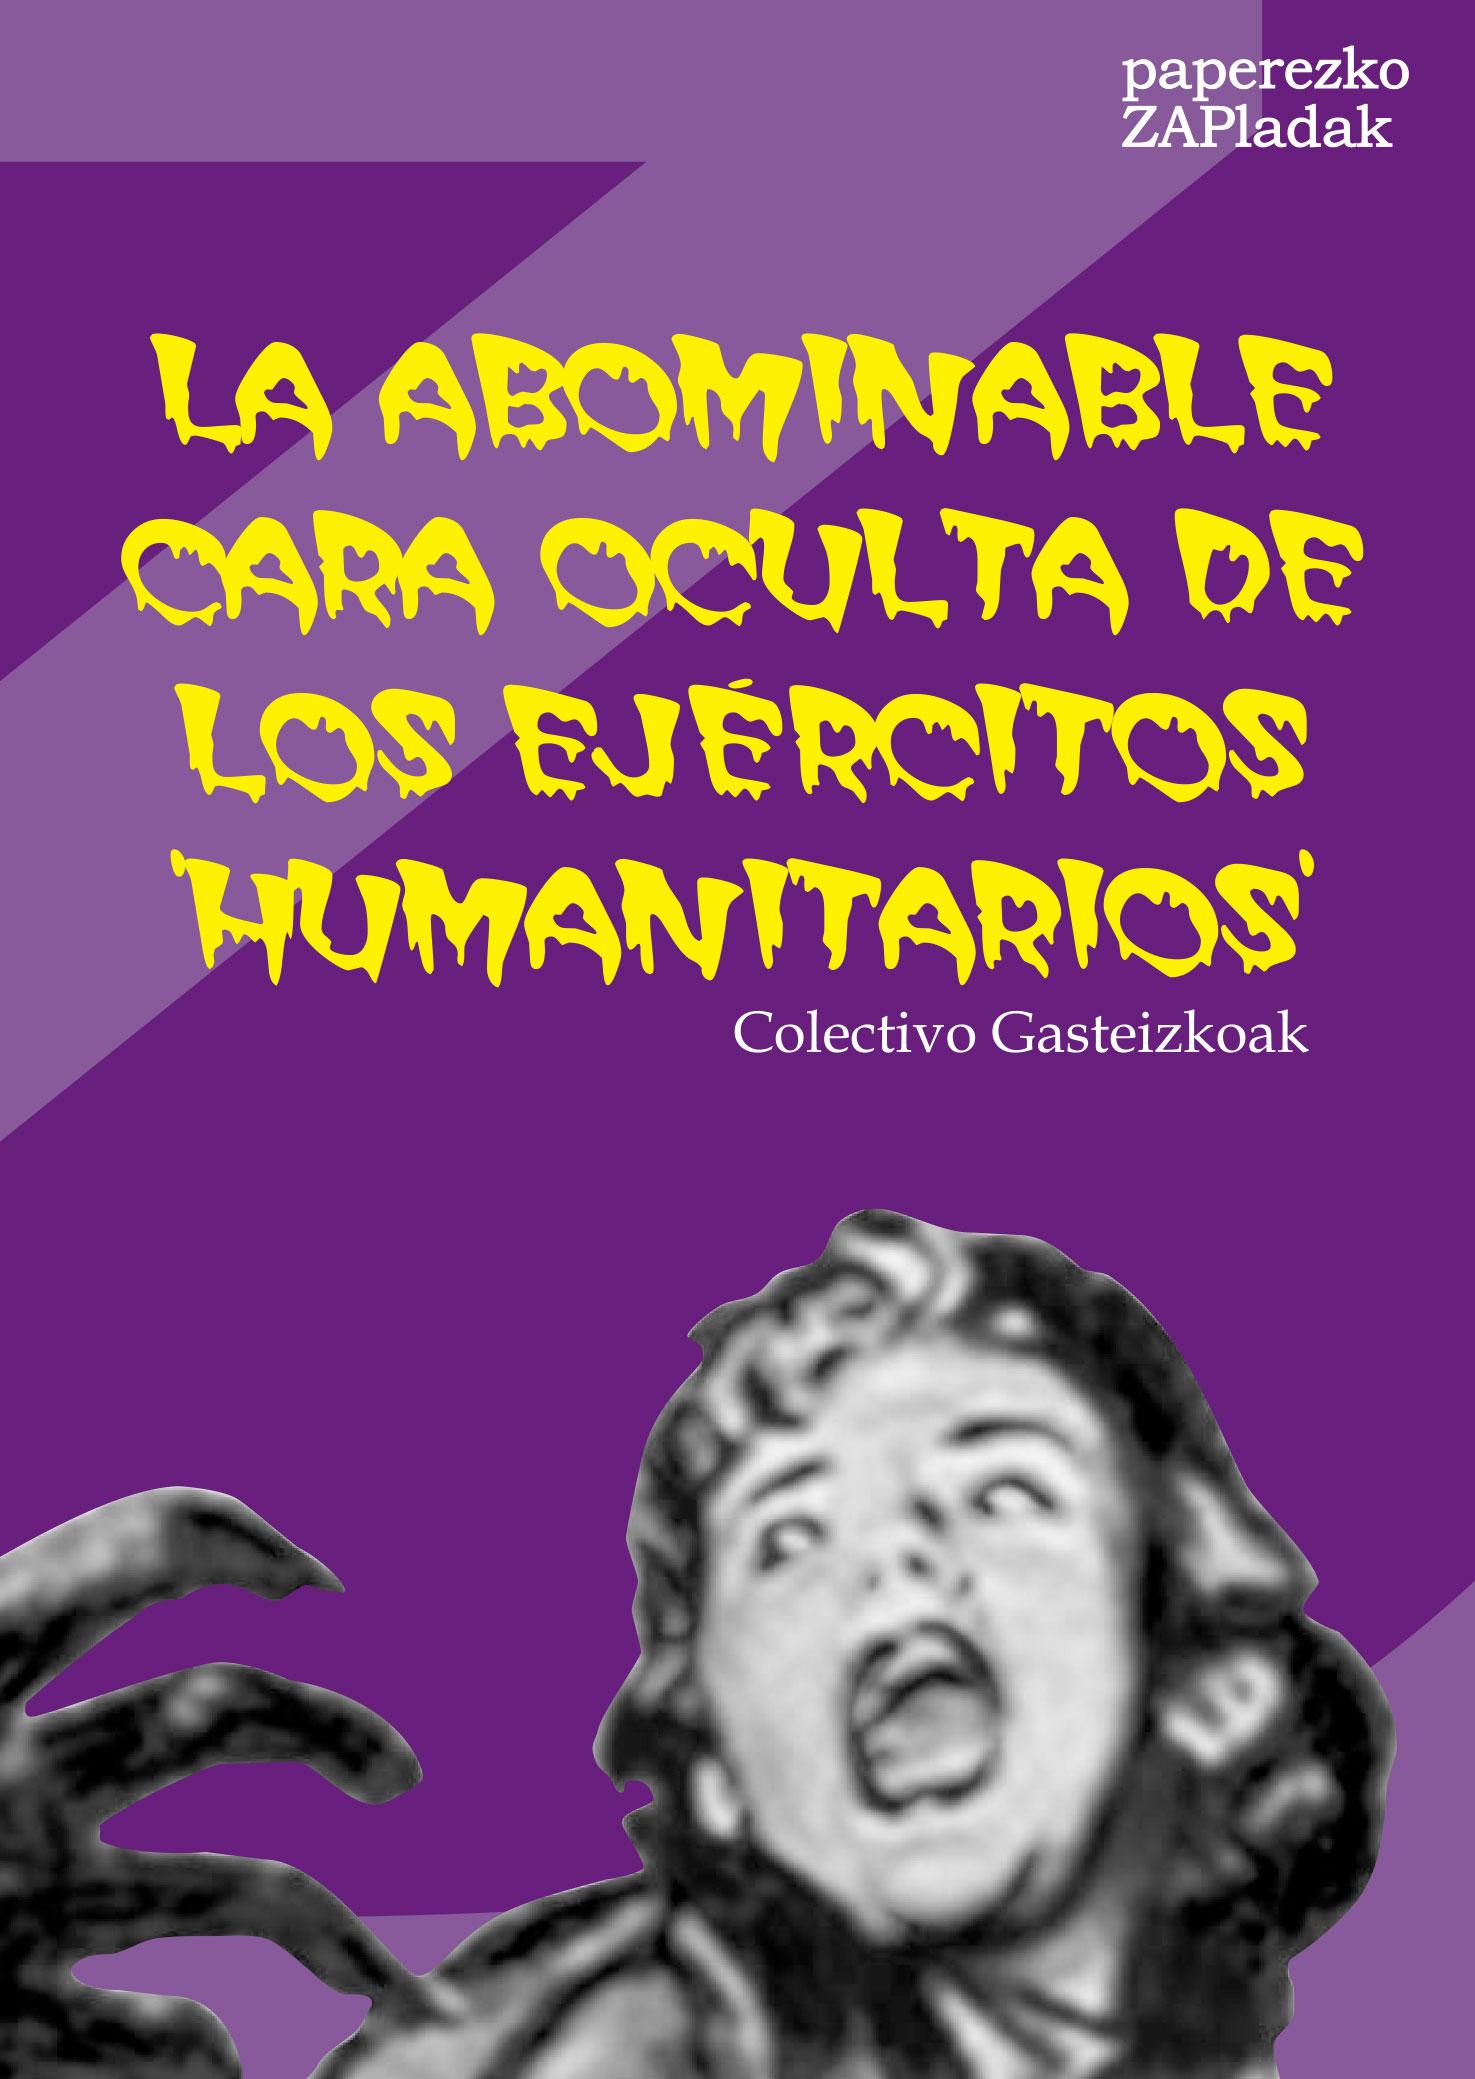 LA ABOMINABLE CARA OCULTA DE LOS EJÉRCITOS HUMANITARIOS